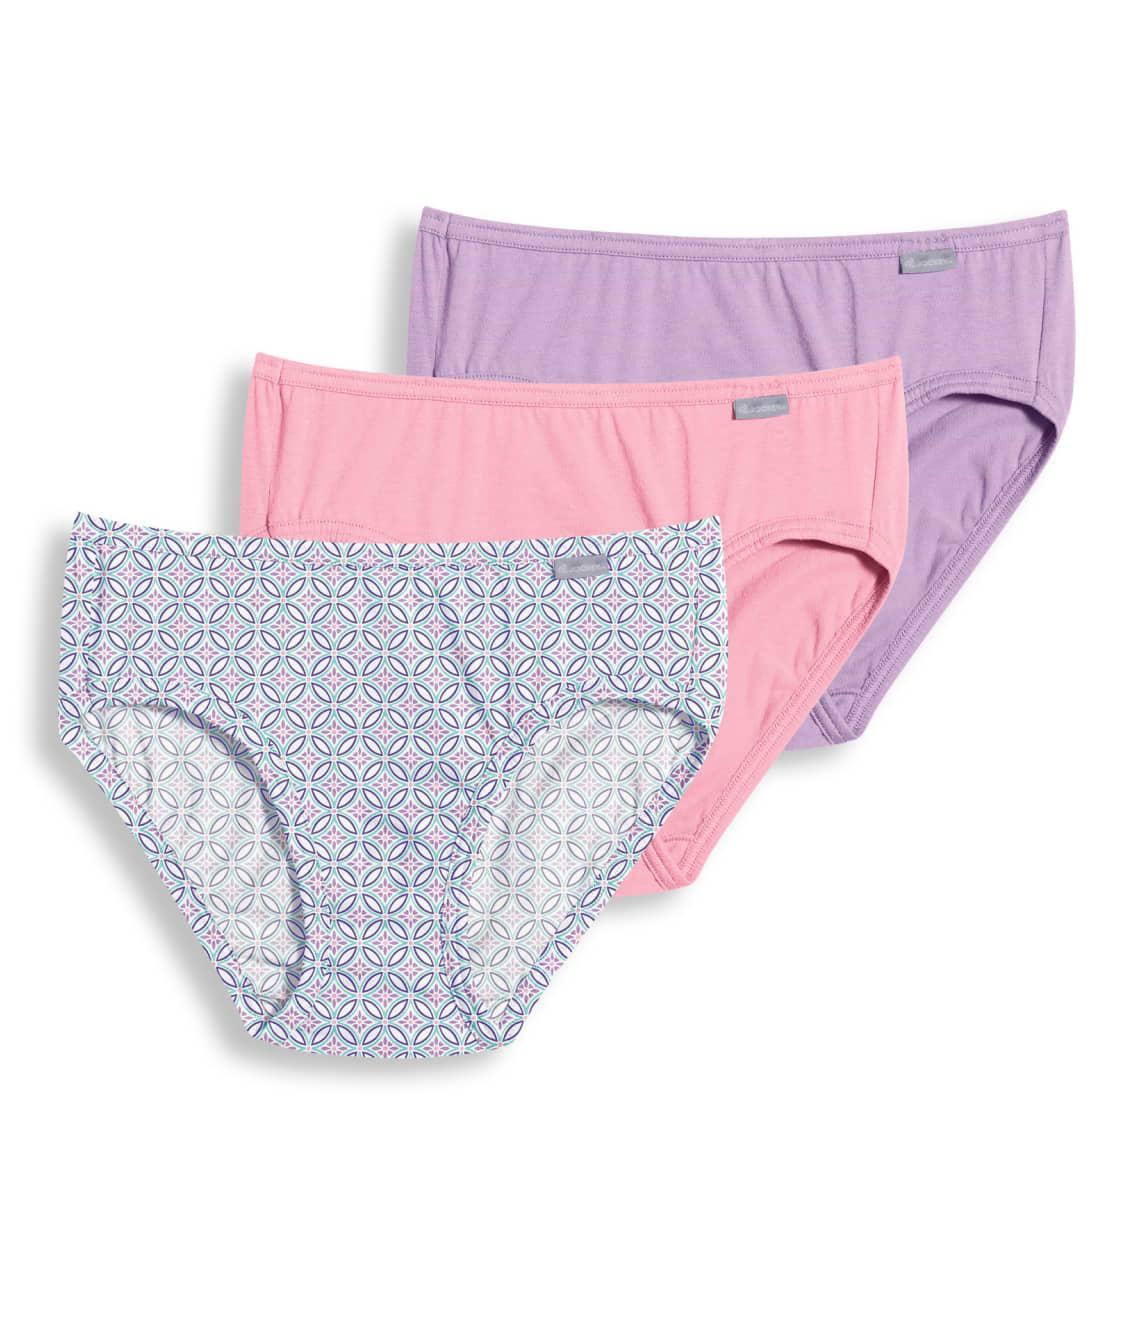 fcc7d0e5ce38e See Elance® Bikini 3-Pack in Plum   Pink   Print